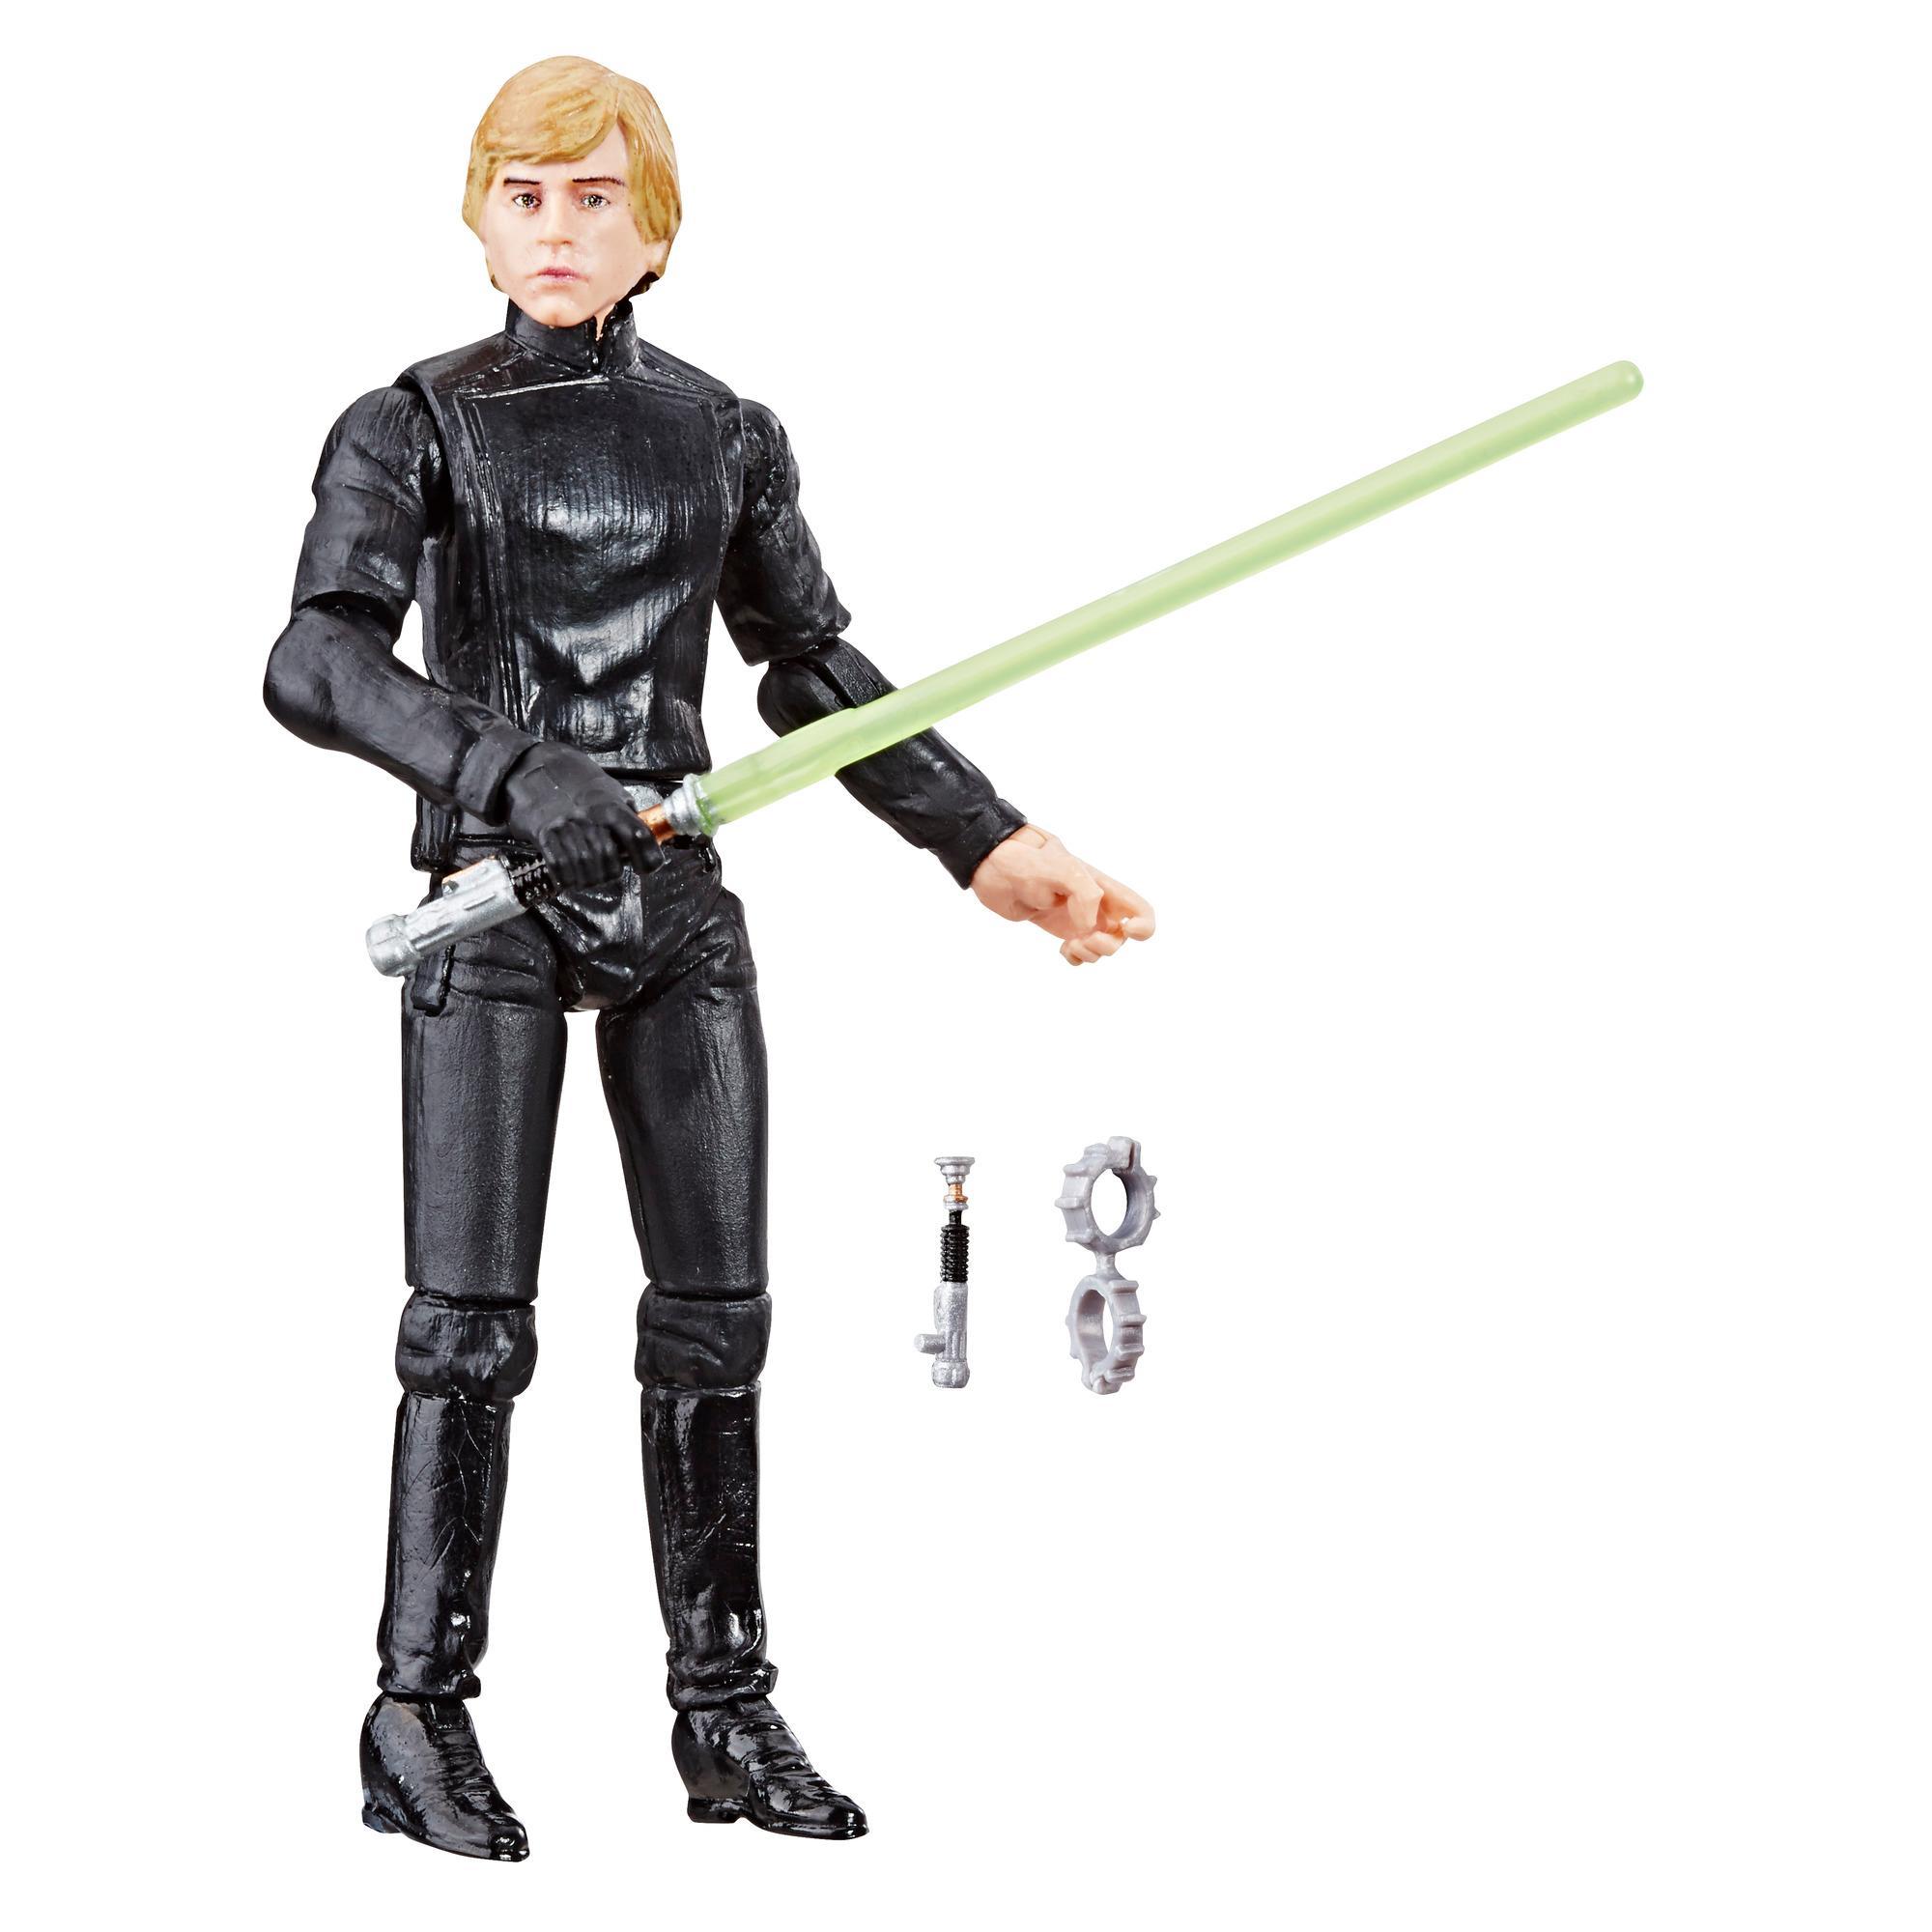 Star Wars The Vintage Collection Star Wars: Return of the Jedi Luke Skywalker (Endor) 3.75-inch Figure